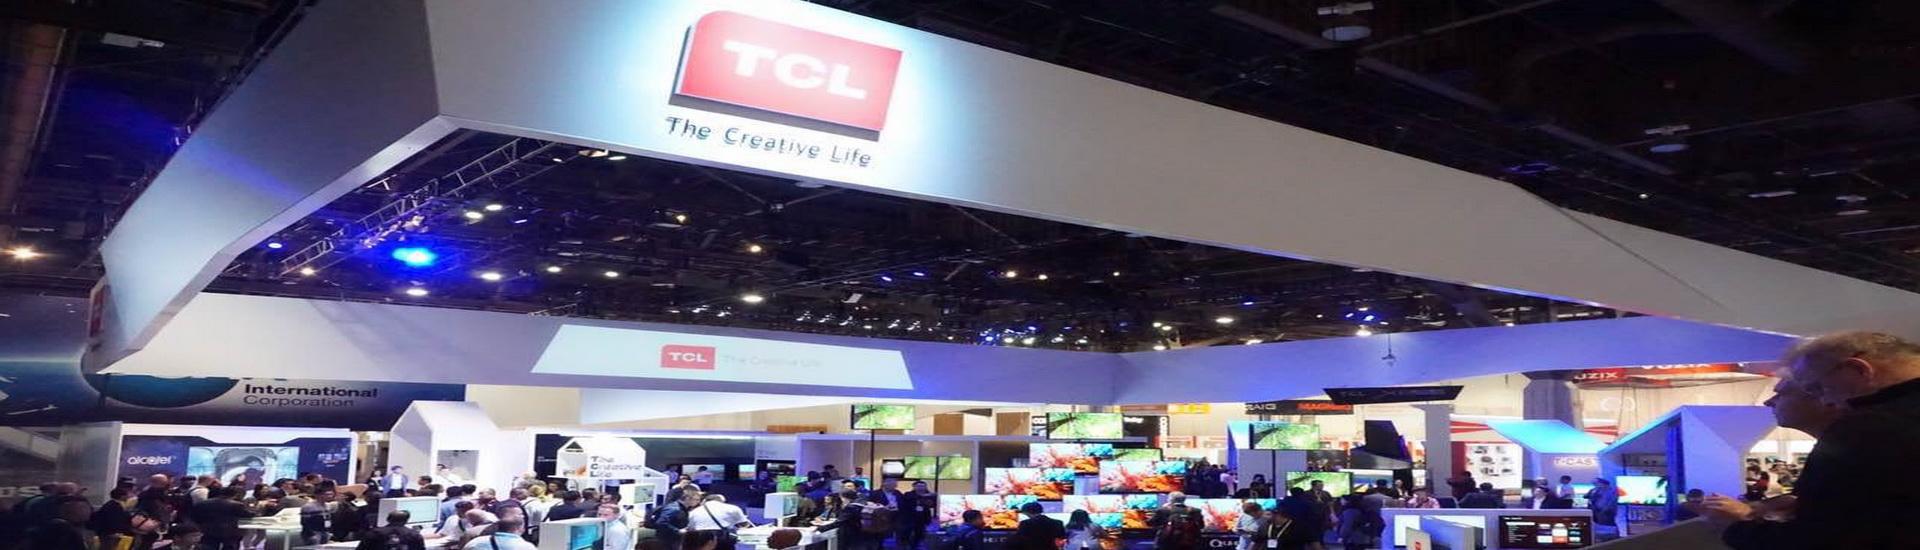 2017CES展TCL创新阵容庞大,斩获两项创新大奖